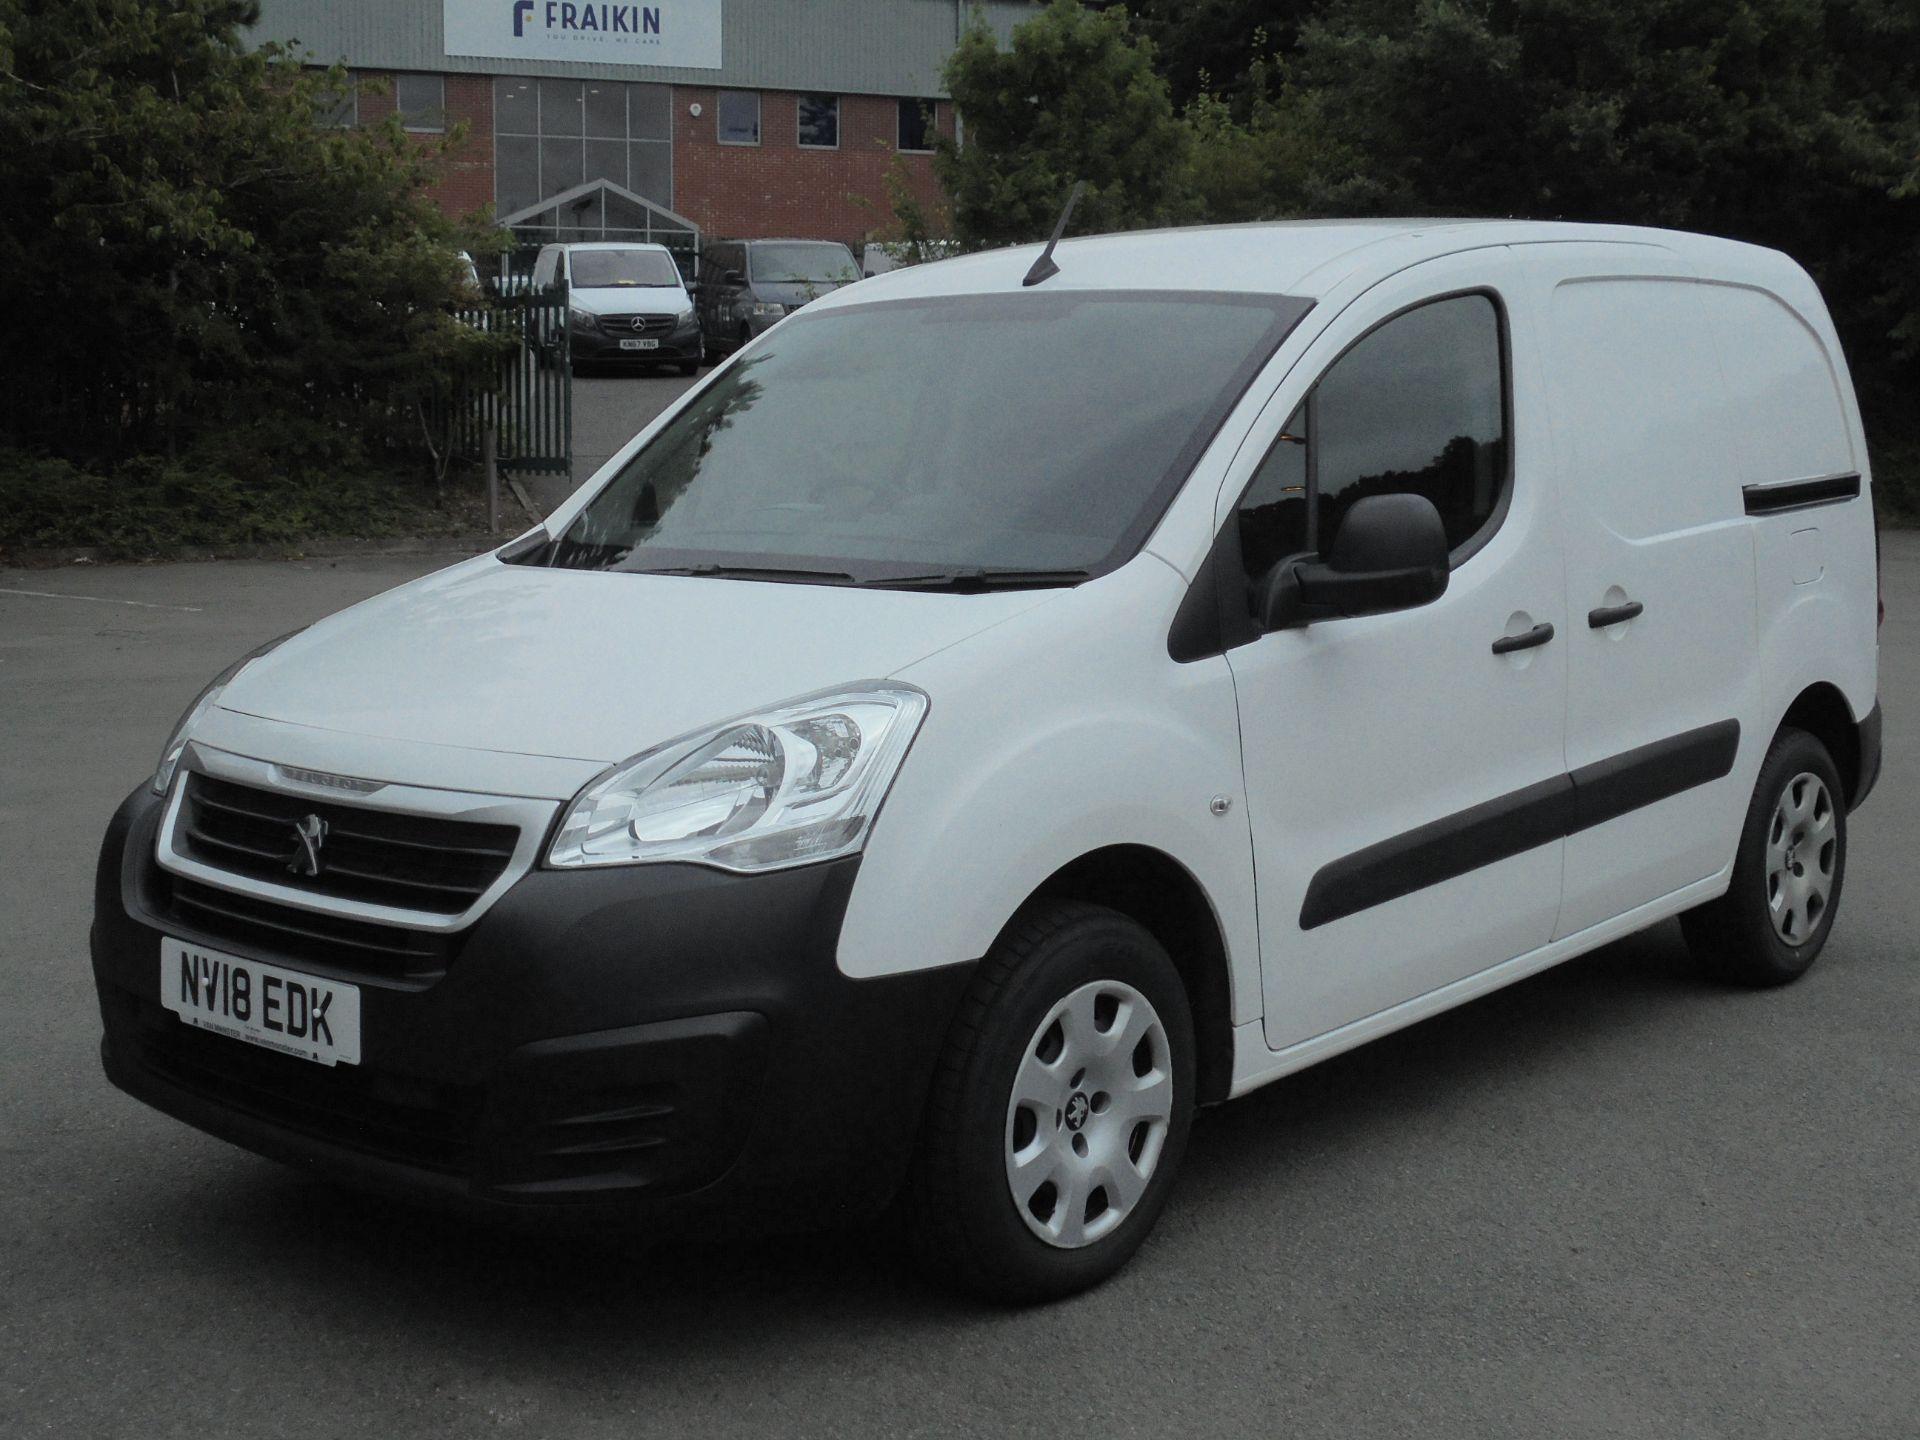 2018 Peugeot Partner 850 1.6 Bluehdi 100 Professional Van [Non Ss] (NV18EDK) Image 3